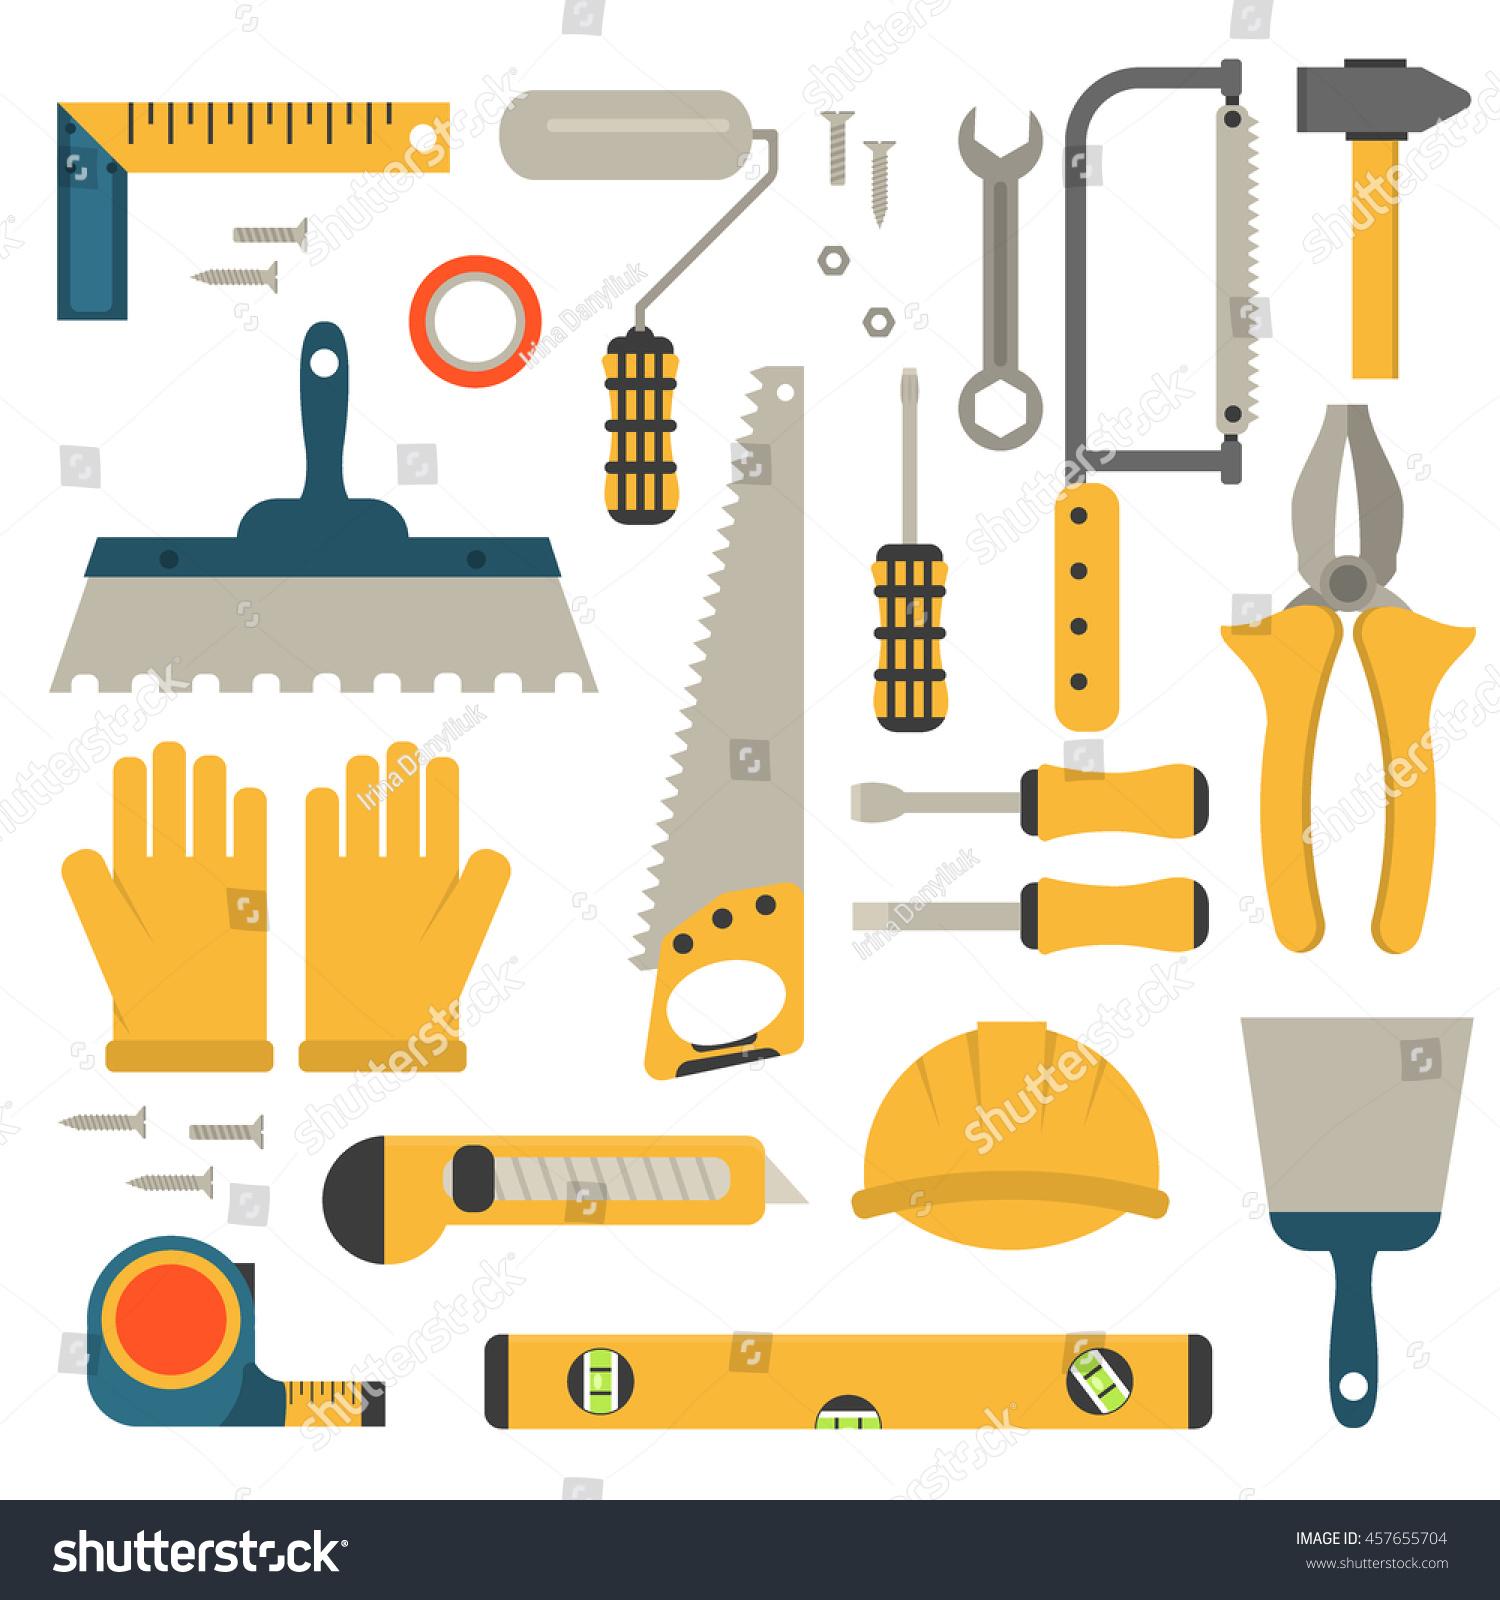 Set Flat Construction Tools Vector Equipment Stock Vector